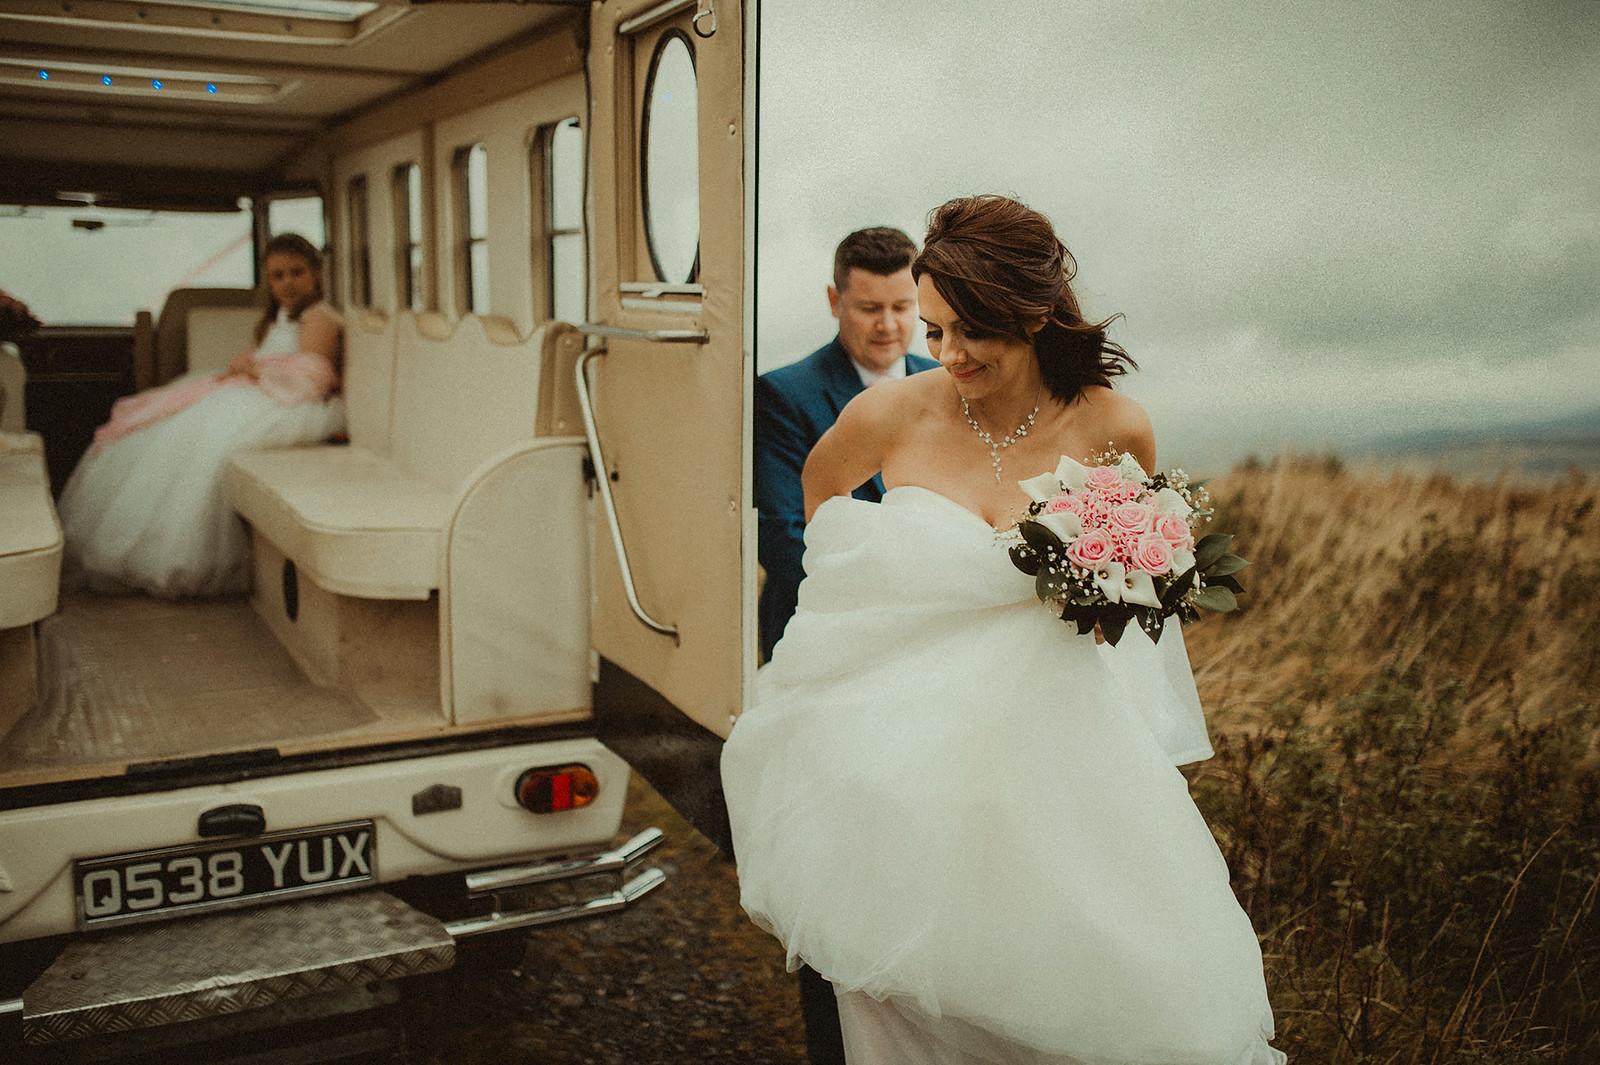 Bride and groom unique wedding photo